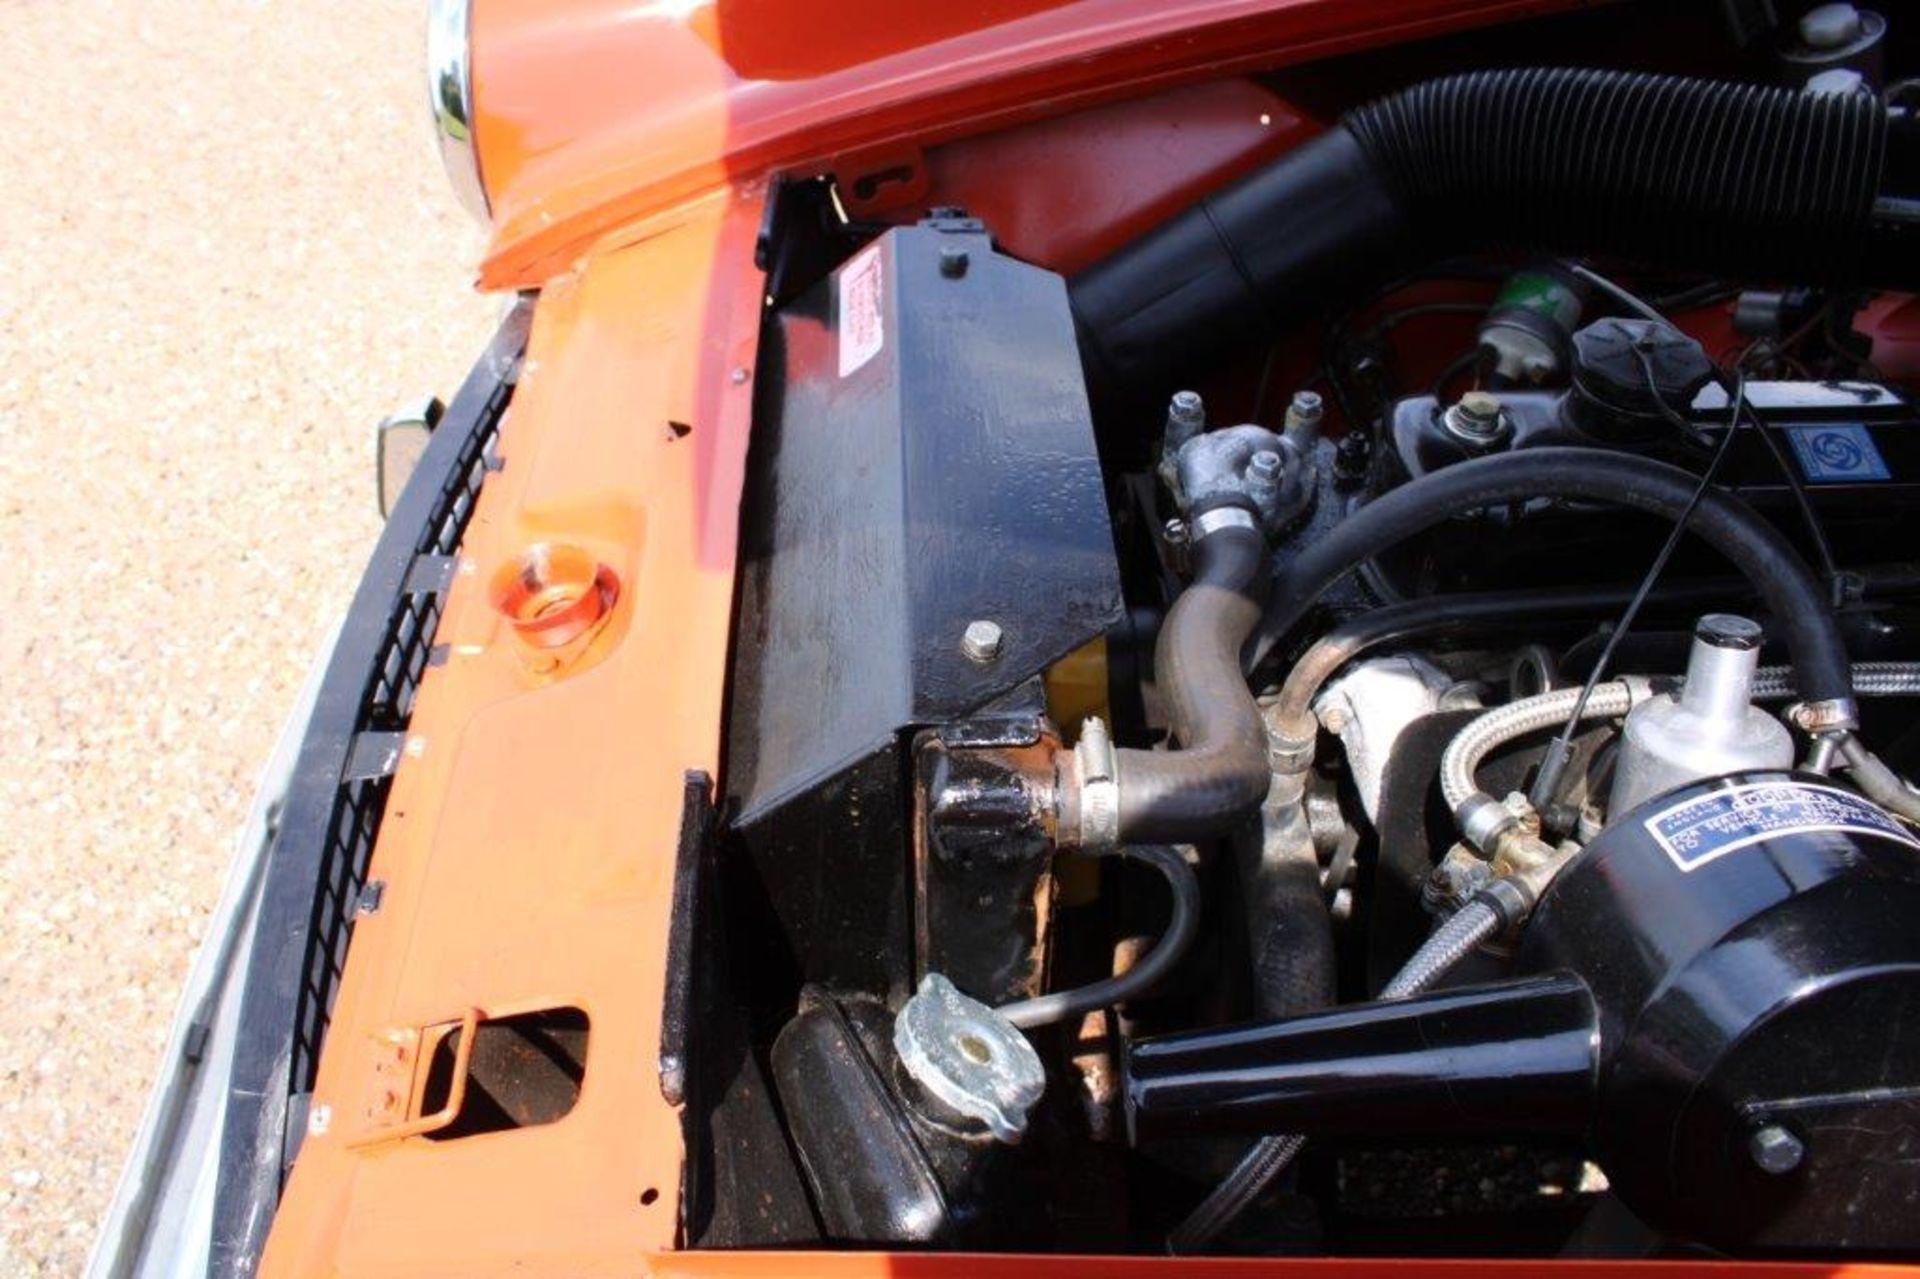 1974 MG Midget MK III - Image 19 of 30